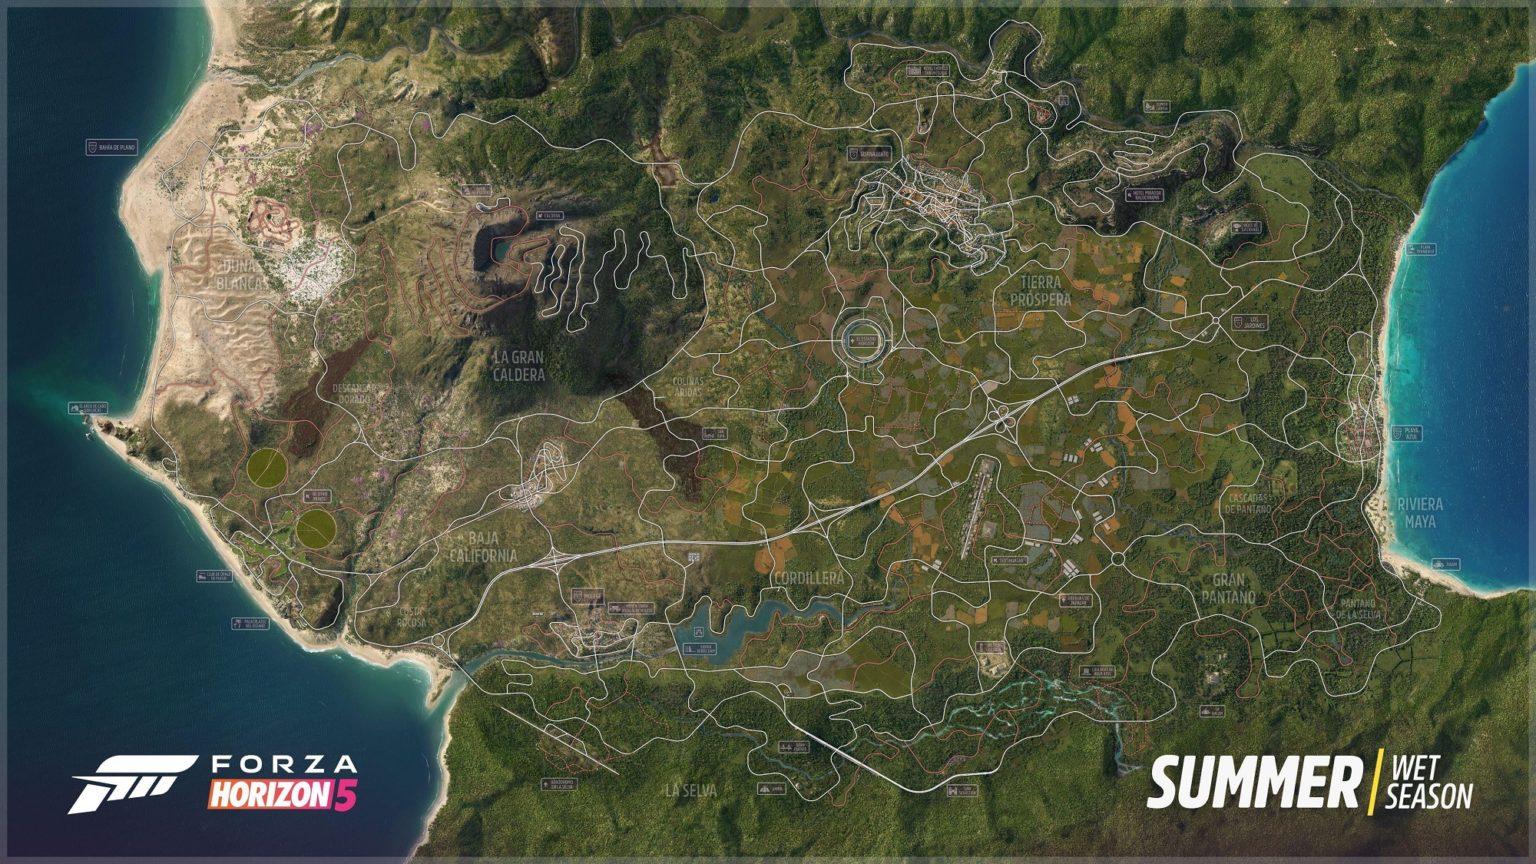 نقشه بازی فورتزا هورایزن 5 بیش از 50 درصد بزرگتر نسبت به نسخه قبلی